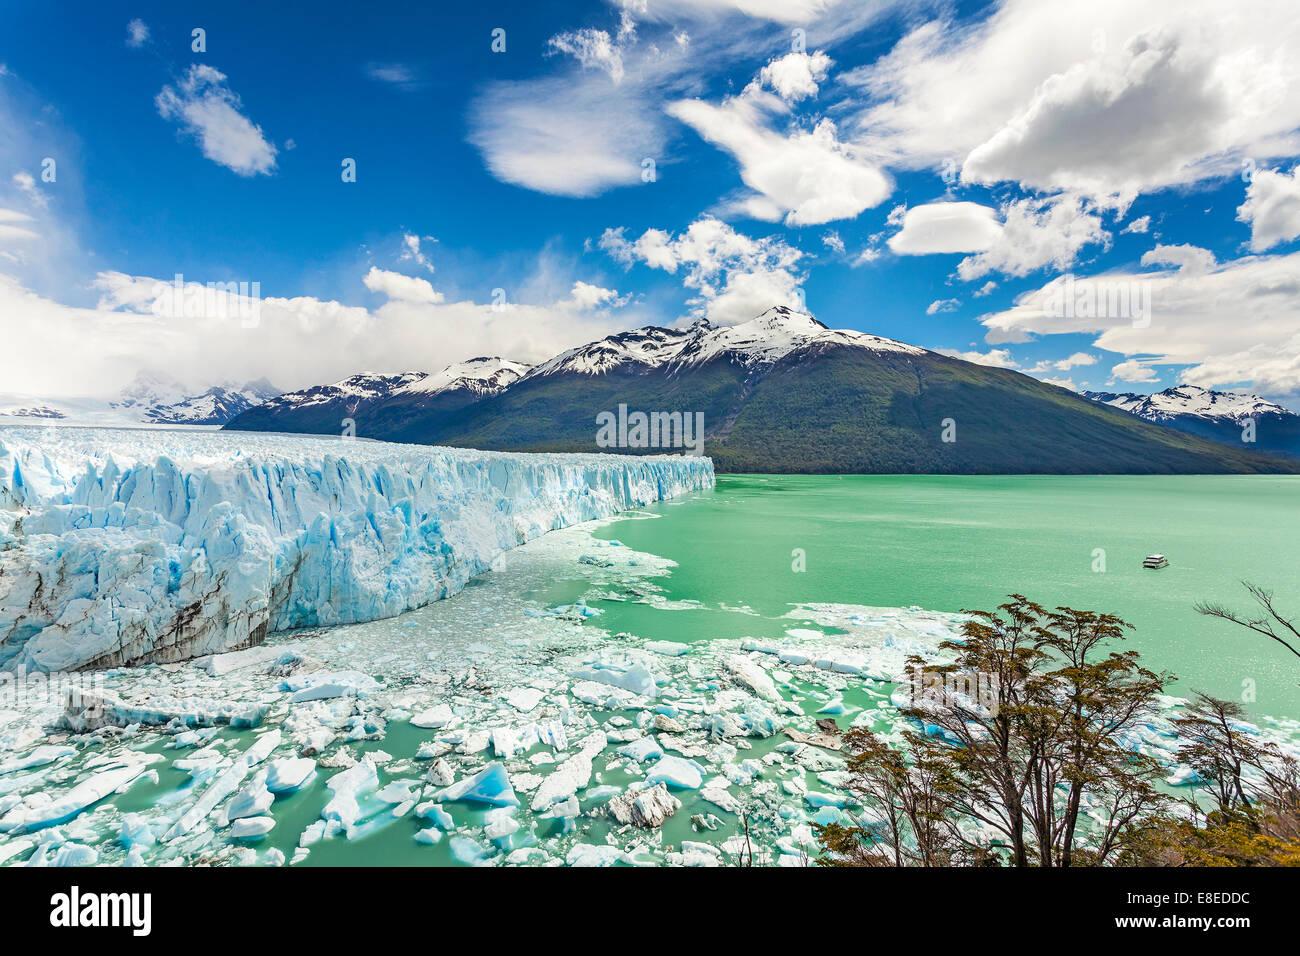 Le glacier Perito Moreno dans le Parc National Los Glaciares, en Argentine. Photo Stock